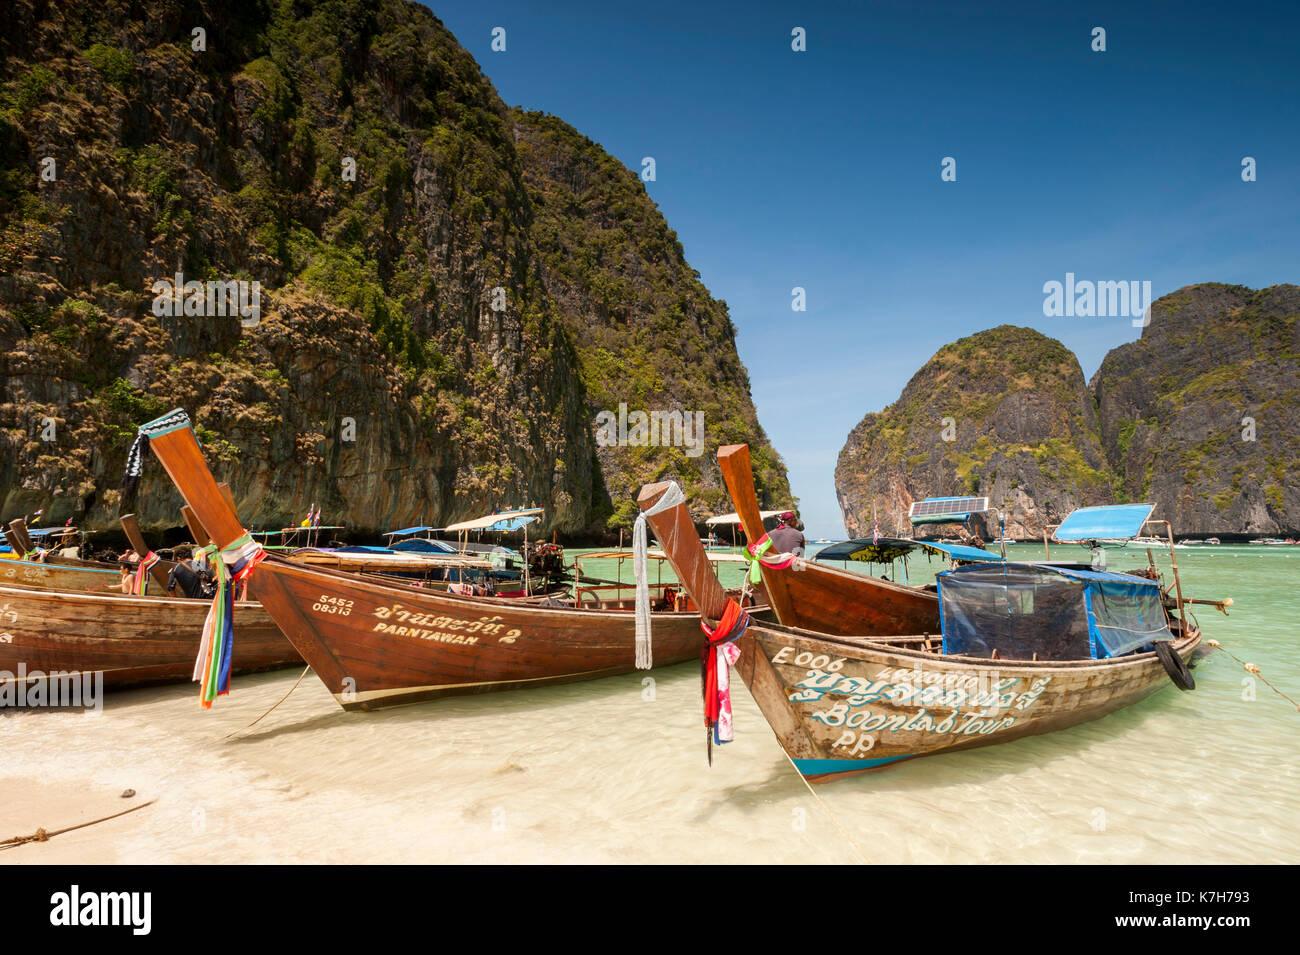 Lunga coda di barche in maya bay, le isole Phi Phi, Thailandia. Immagini Stock